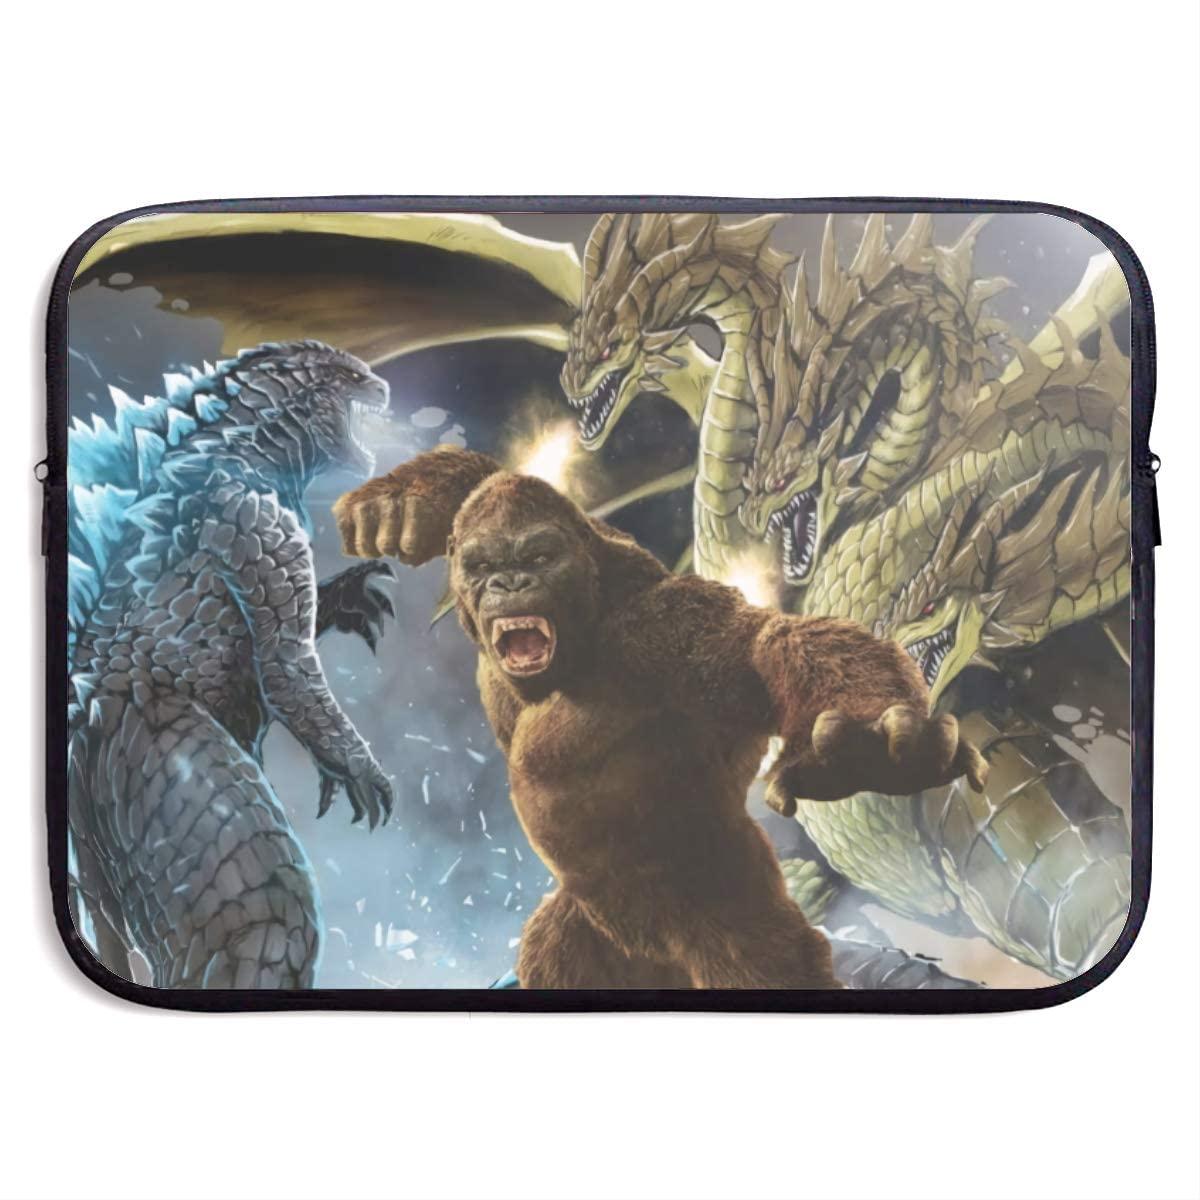 Godzilla Laptop Bag, Laptop Case, Briefcase Messenger Shoulder Bag for Men Women 15 Inch